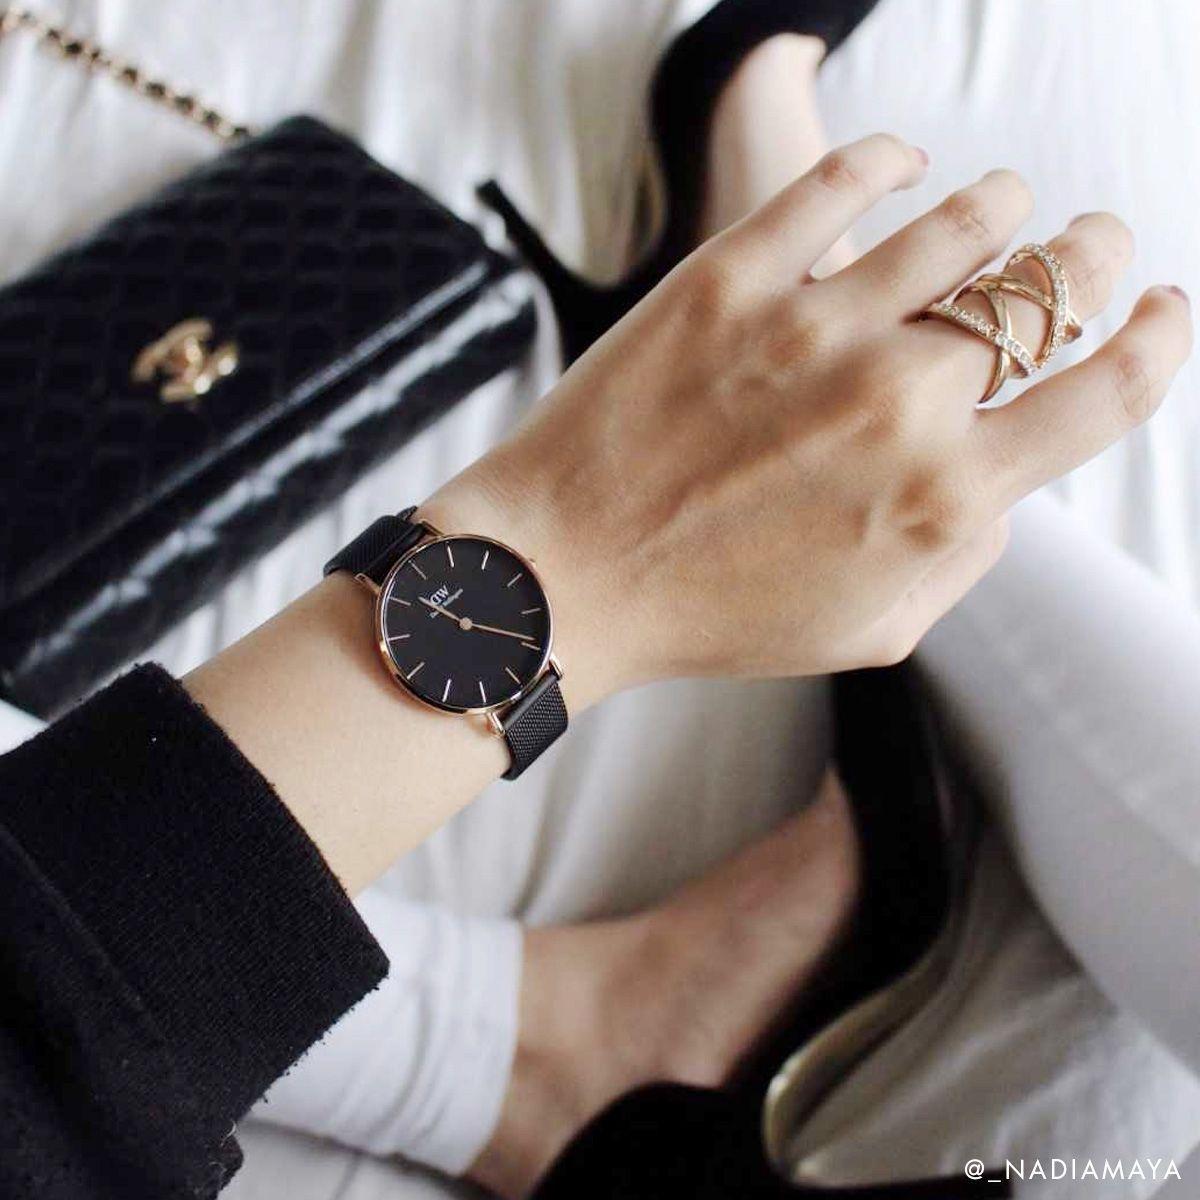 dw官网 dw手表官网 dw中国官网 dw官方旗舰店 DW DW官网  Bundle W+B Petite Black Ashfield RG 32mm+Classic Bracelet White RG S